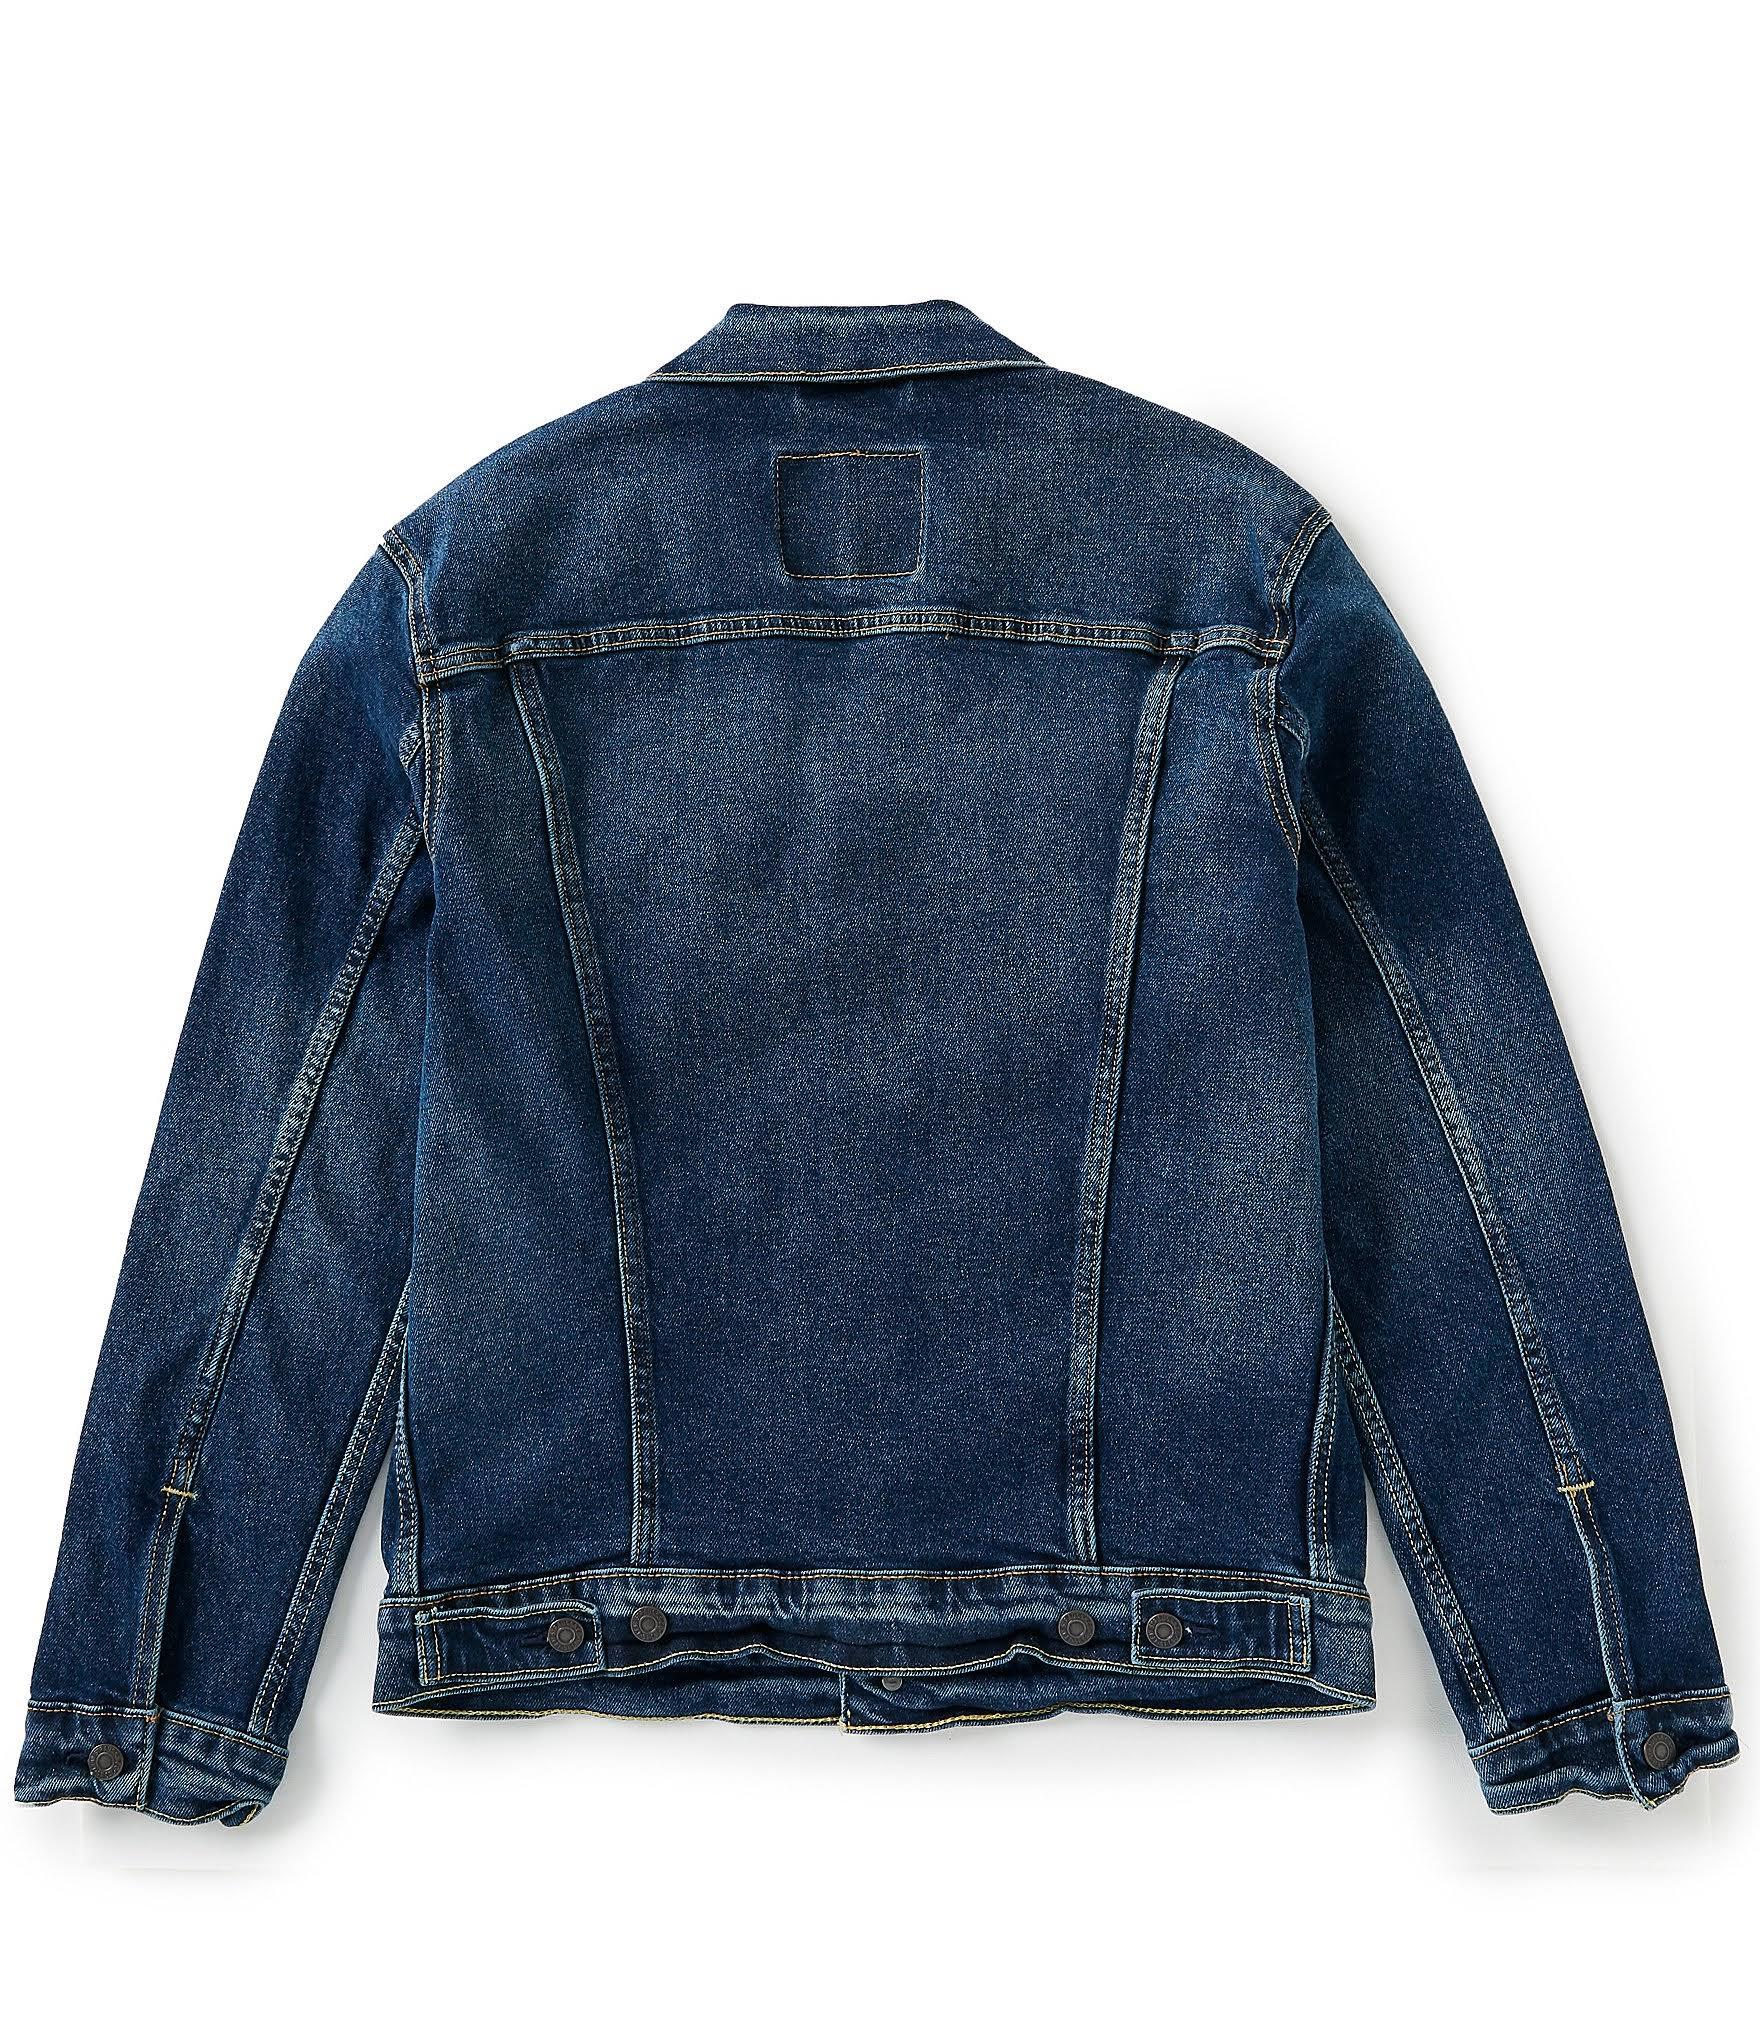 Regular Jacket Para Colusa Levi's 2xl Stretch Hombre Abrigo Trucker The De OCqYYv